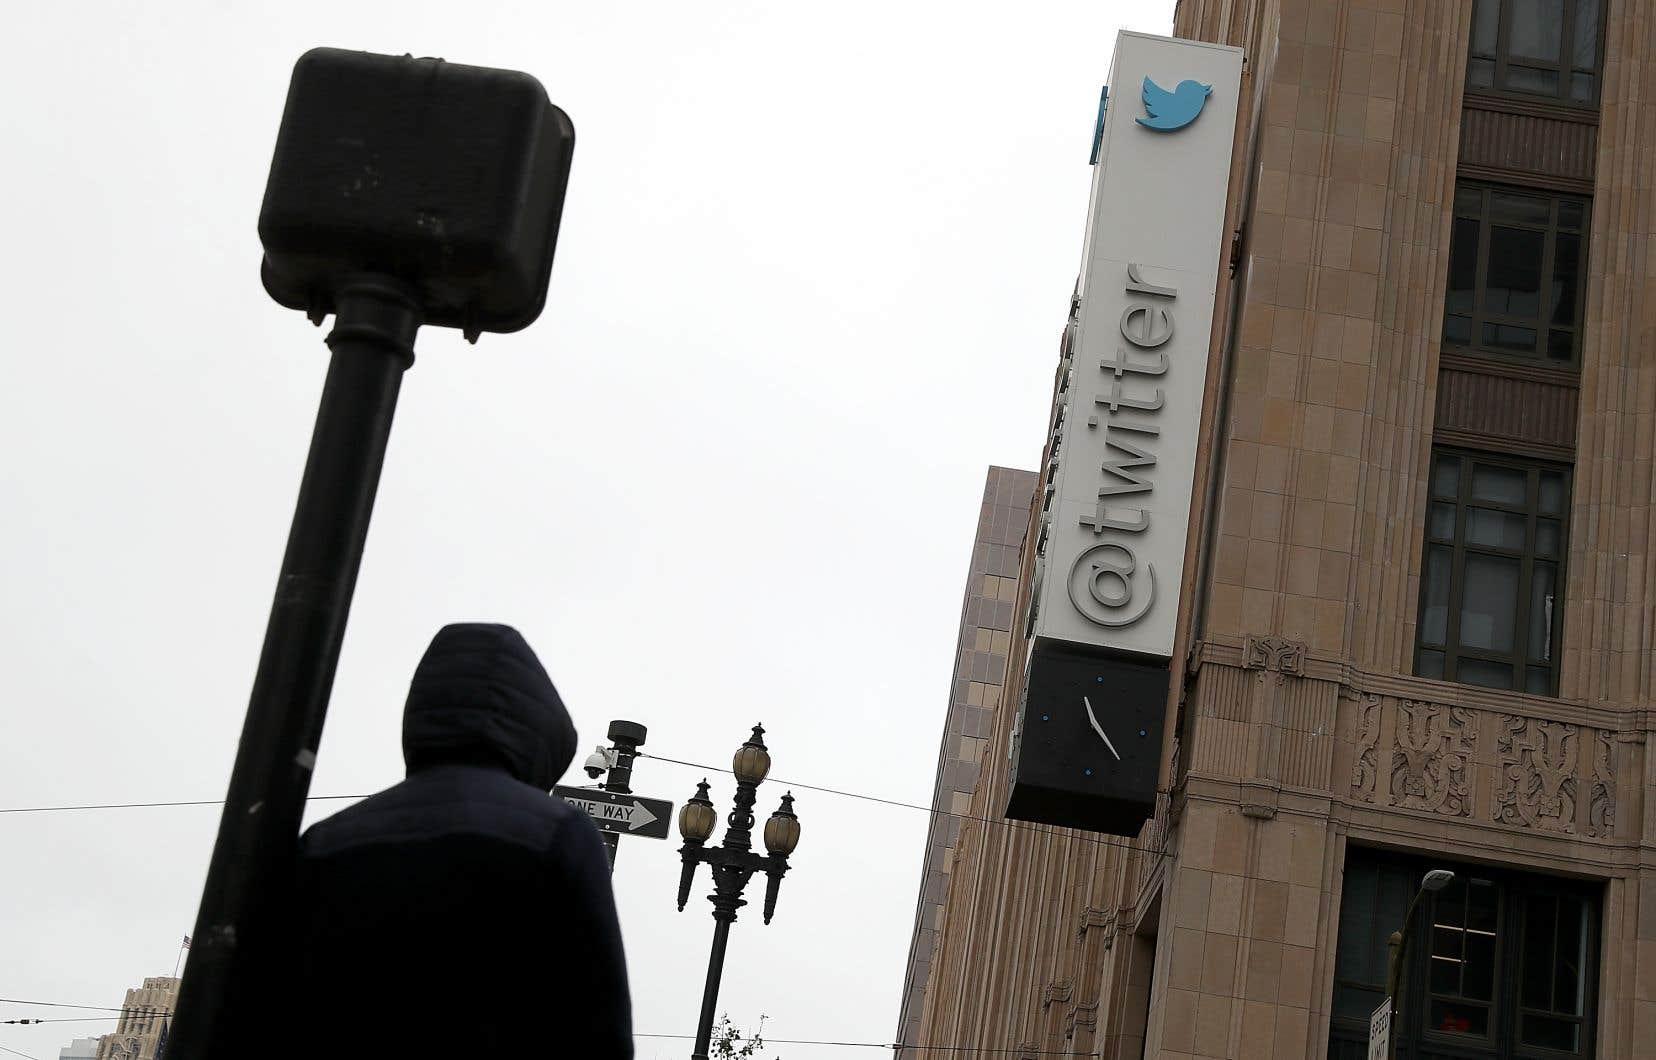 «Les médias sociaux contribuent à faire du pouvoir social un cinquième pouvoir, maintenant aussi efficace que les quatre autres», affirme l'auteur.